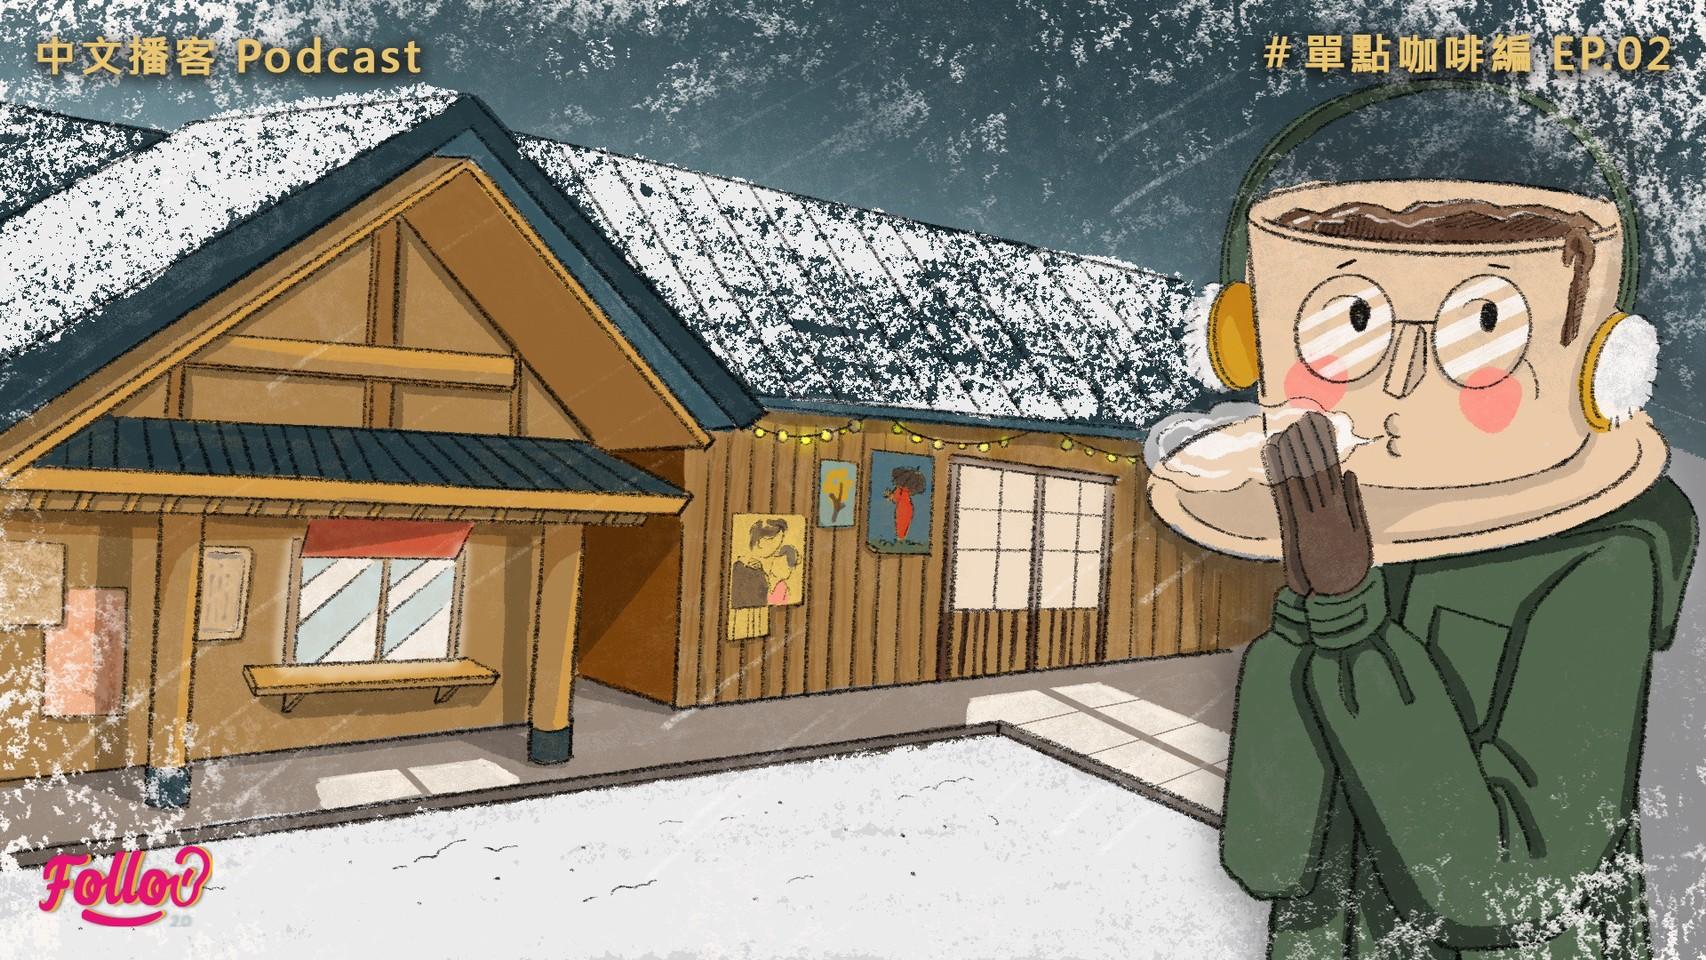 ☕單點咖啡編 Ep.2 遇到事情不如預期為什麼總是很有壓力呢?創業如同前往北海道札幌的天國路上